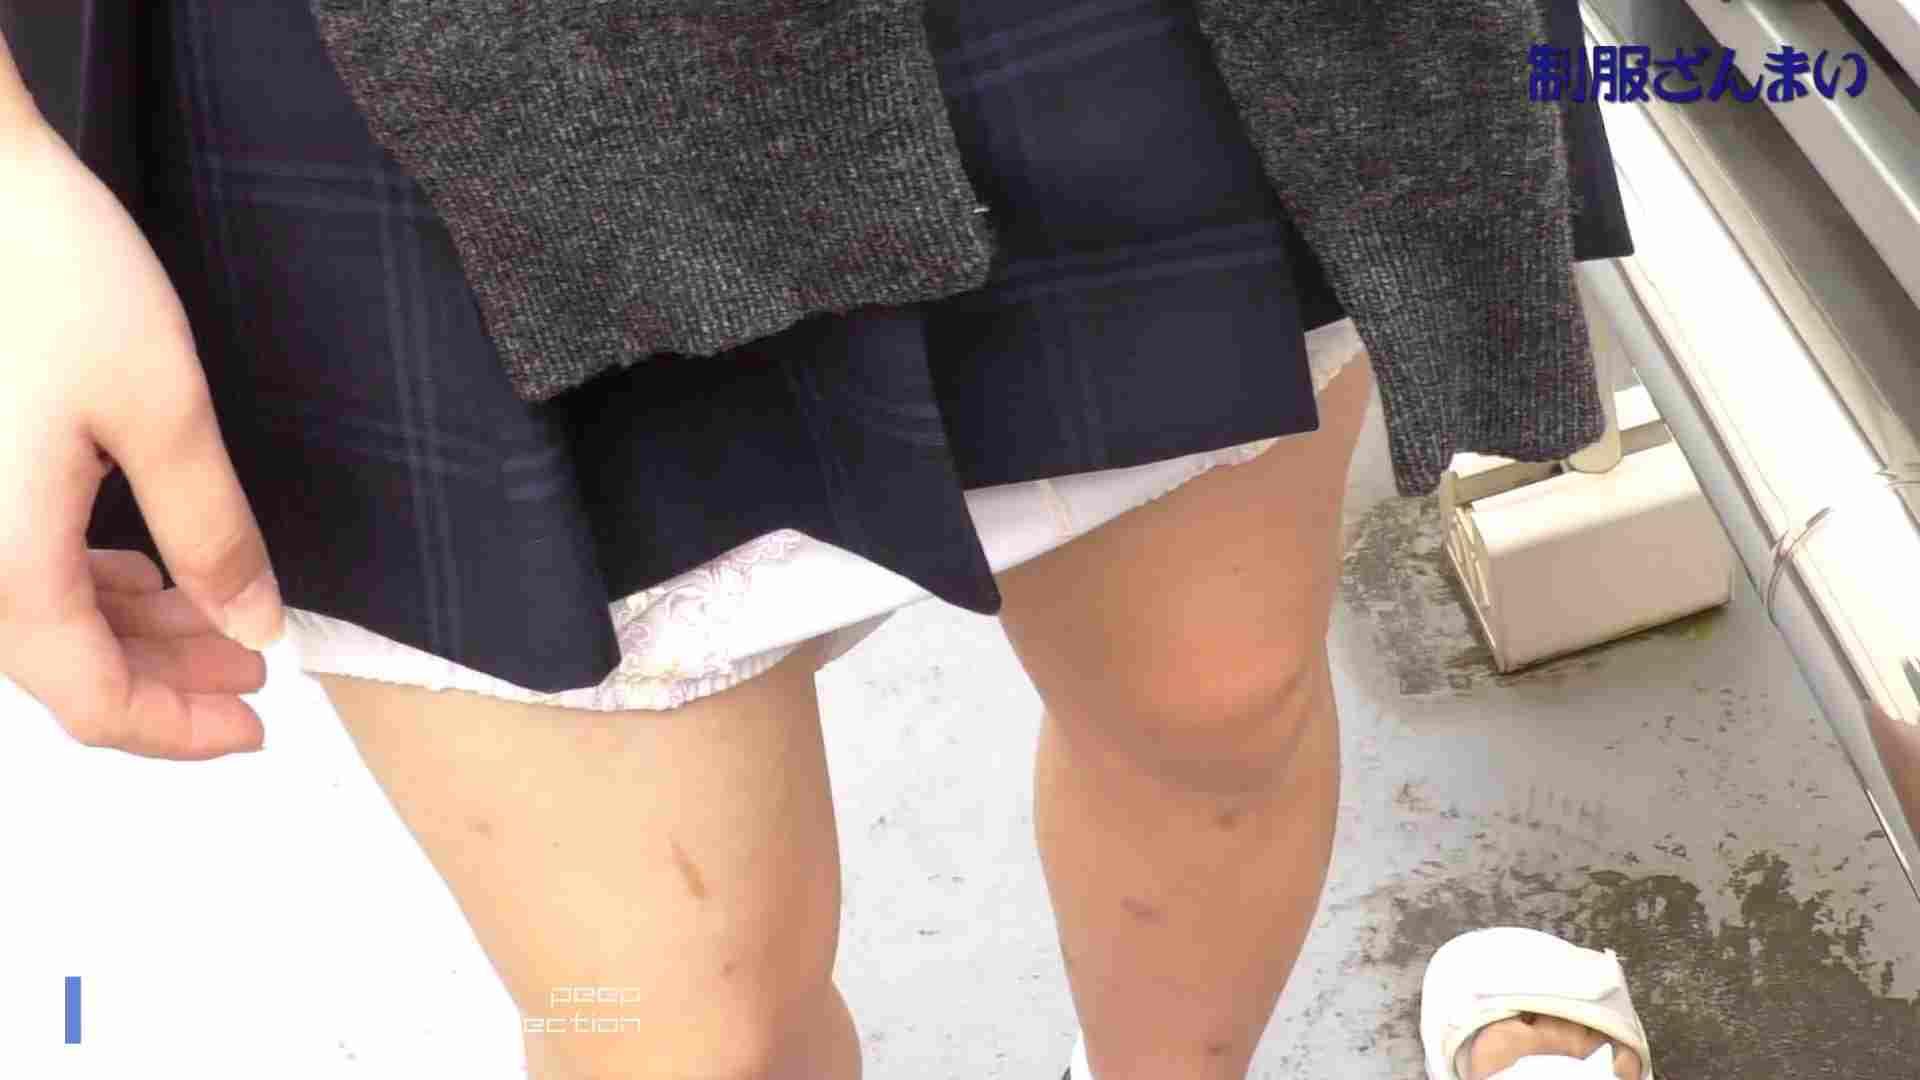 パンツを売る女 Vol.23制月反女子変態ざんまい前編 OL女体 おめこ無修正画像 108連発 65